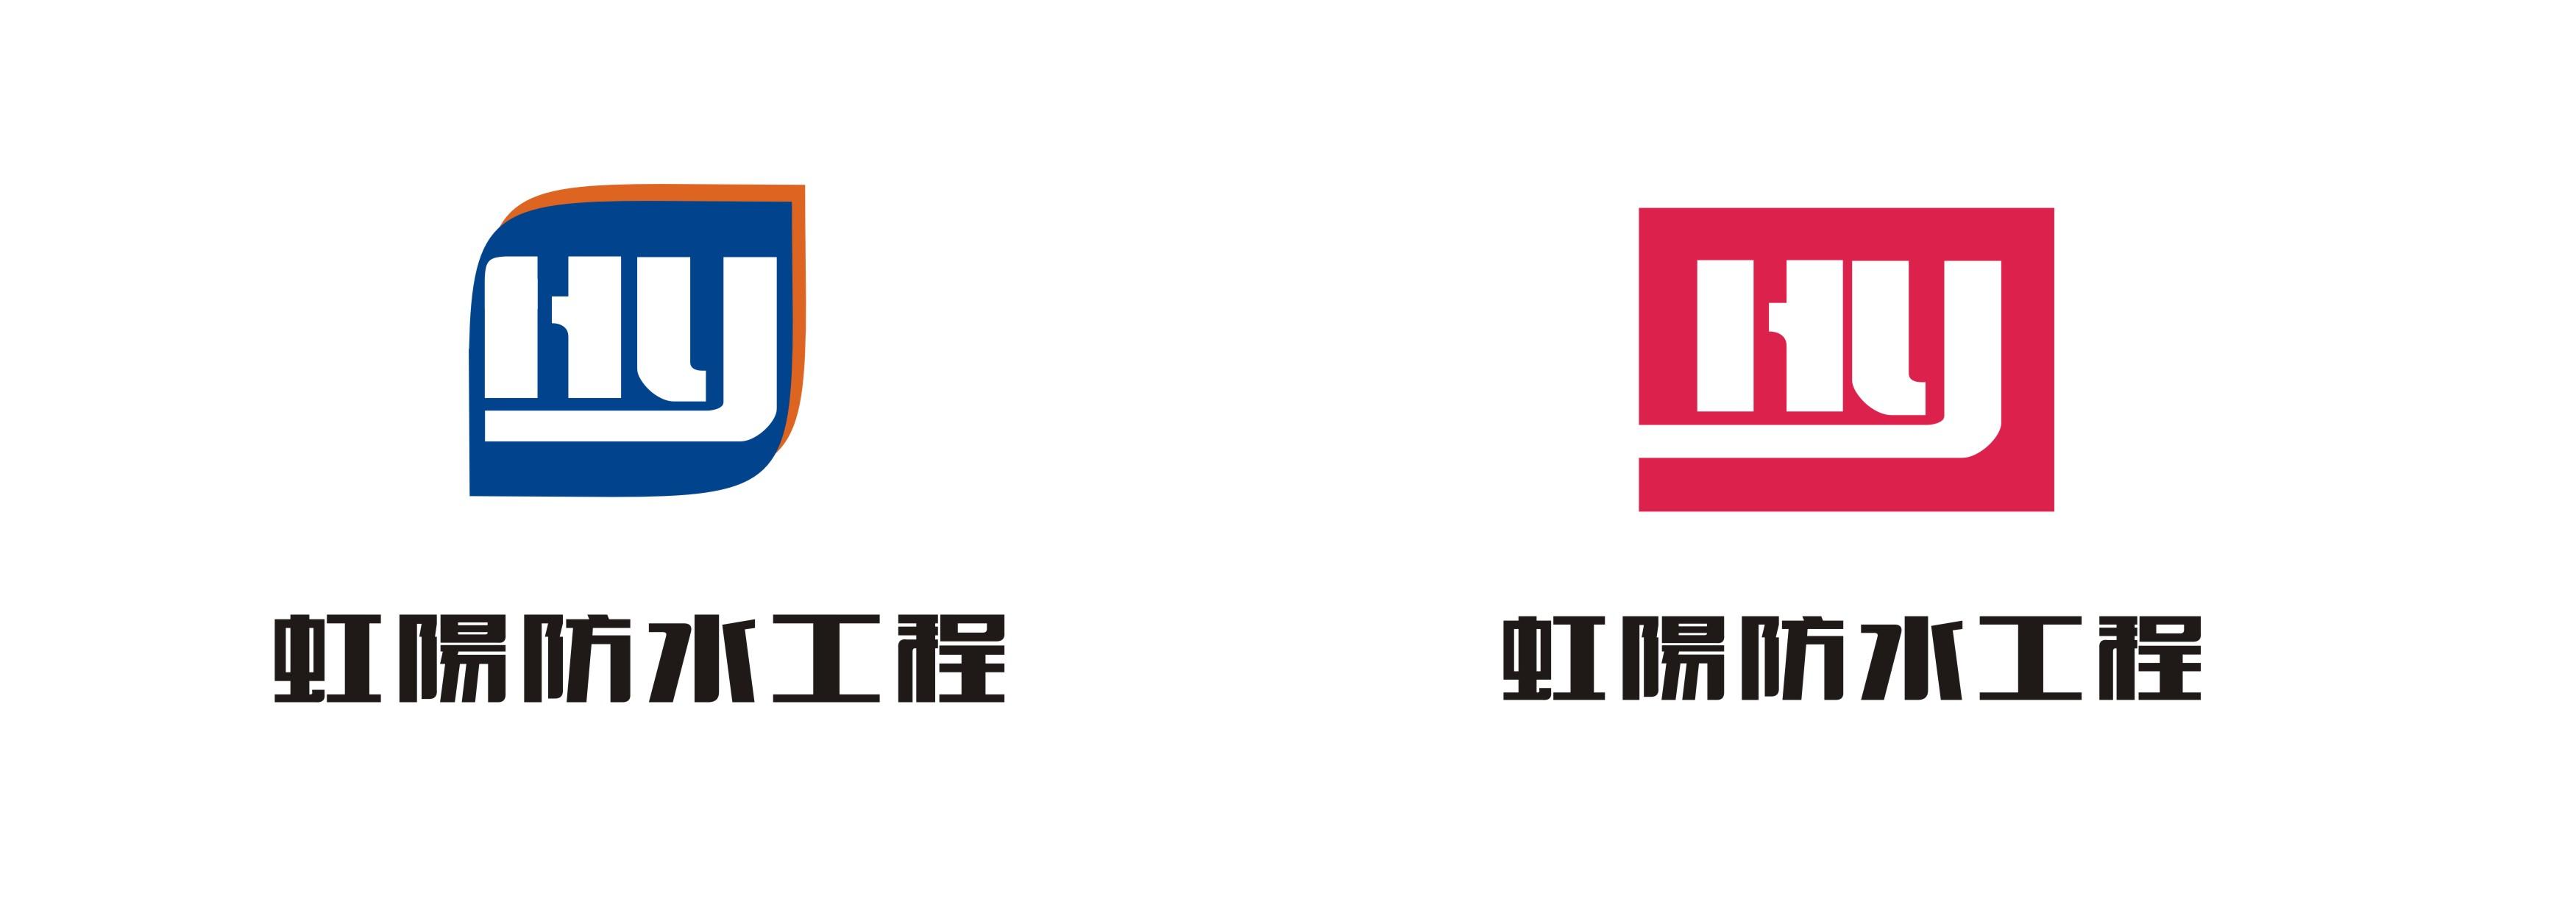 公司logo设计_logo设计